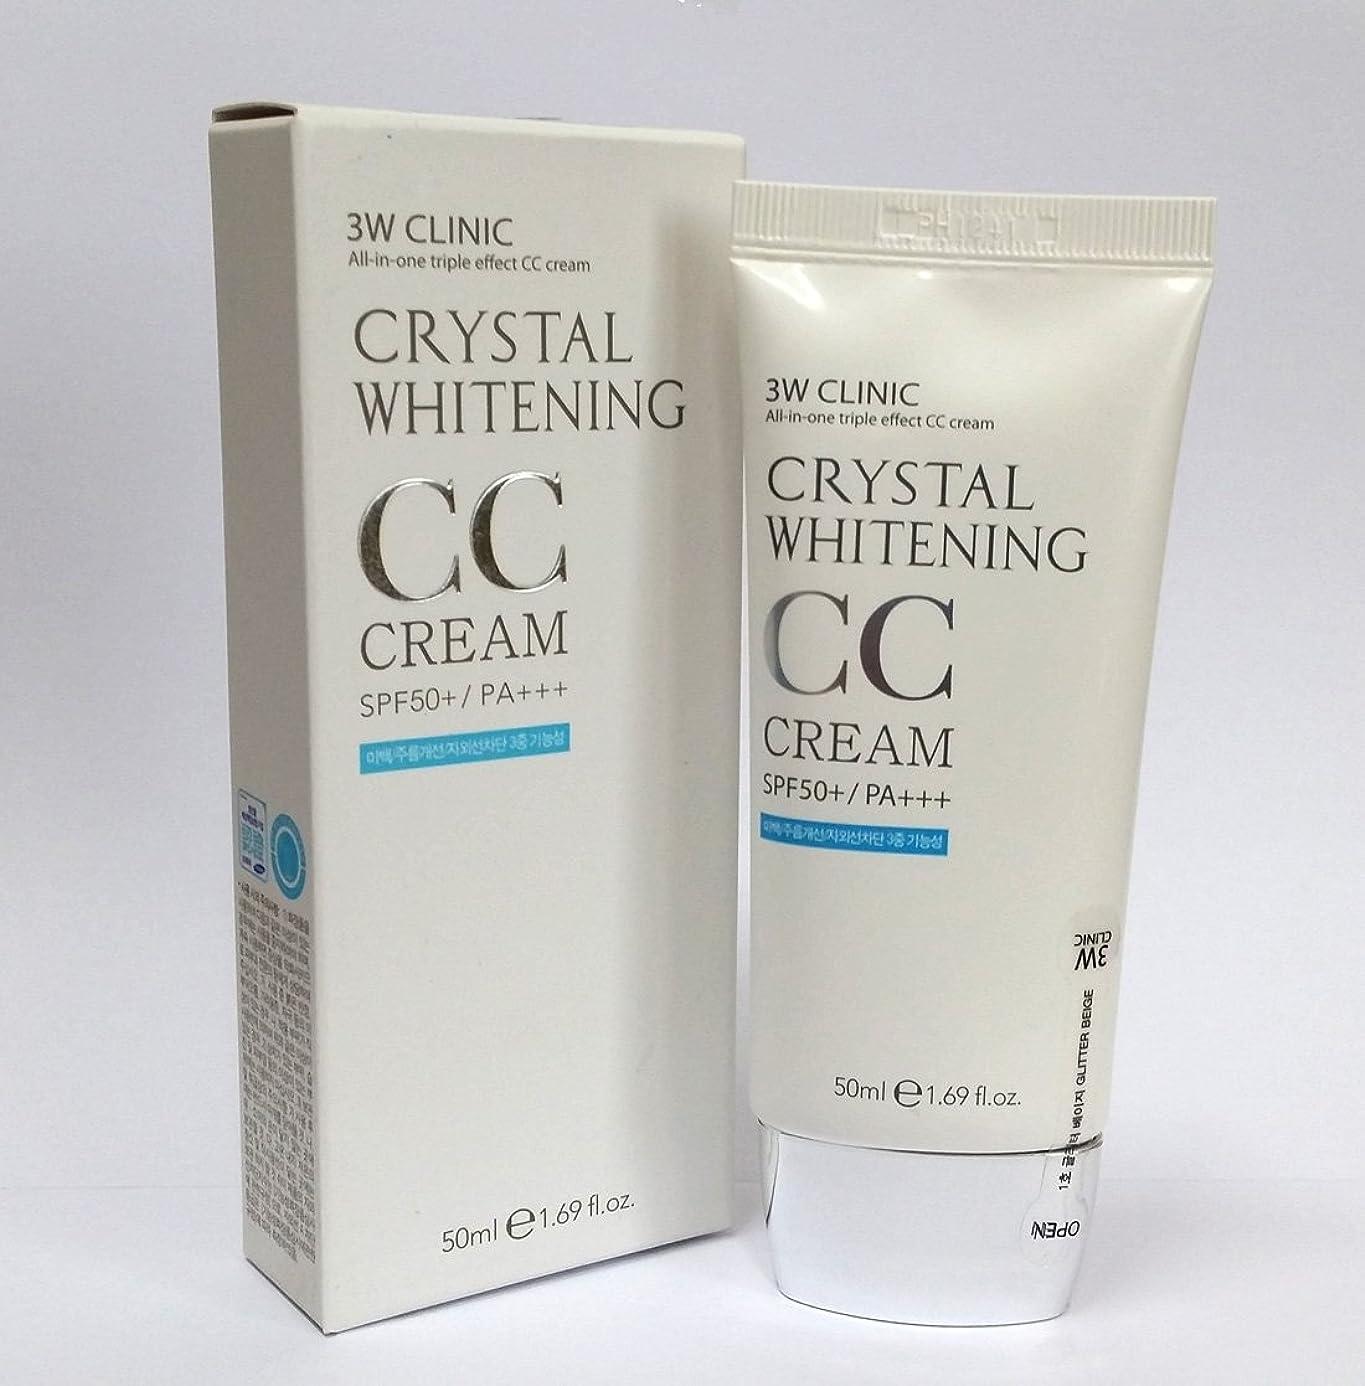 テザービジネス呼び起こす[3W CLINIC] クリスタルホワイトニングCCクリーム50ml SPF50 PA +++ / #01 Glitter Beige/Crystal Whitening CC Cream 50ml SPF50 PA+++ / #01 Glitter Beige/韓国化粧品/Korean Cosmetics [並行輸入品]